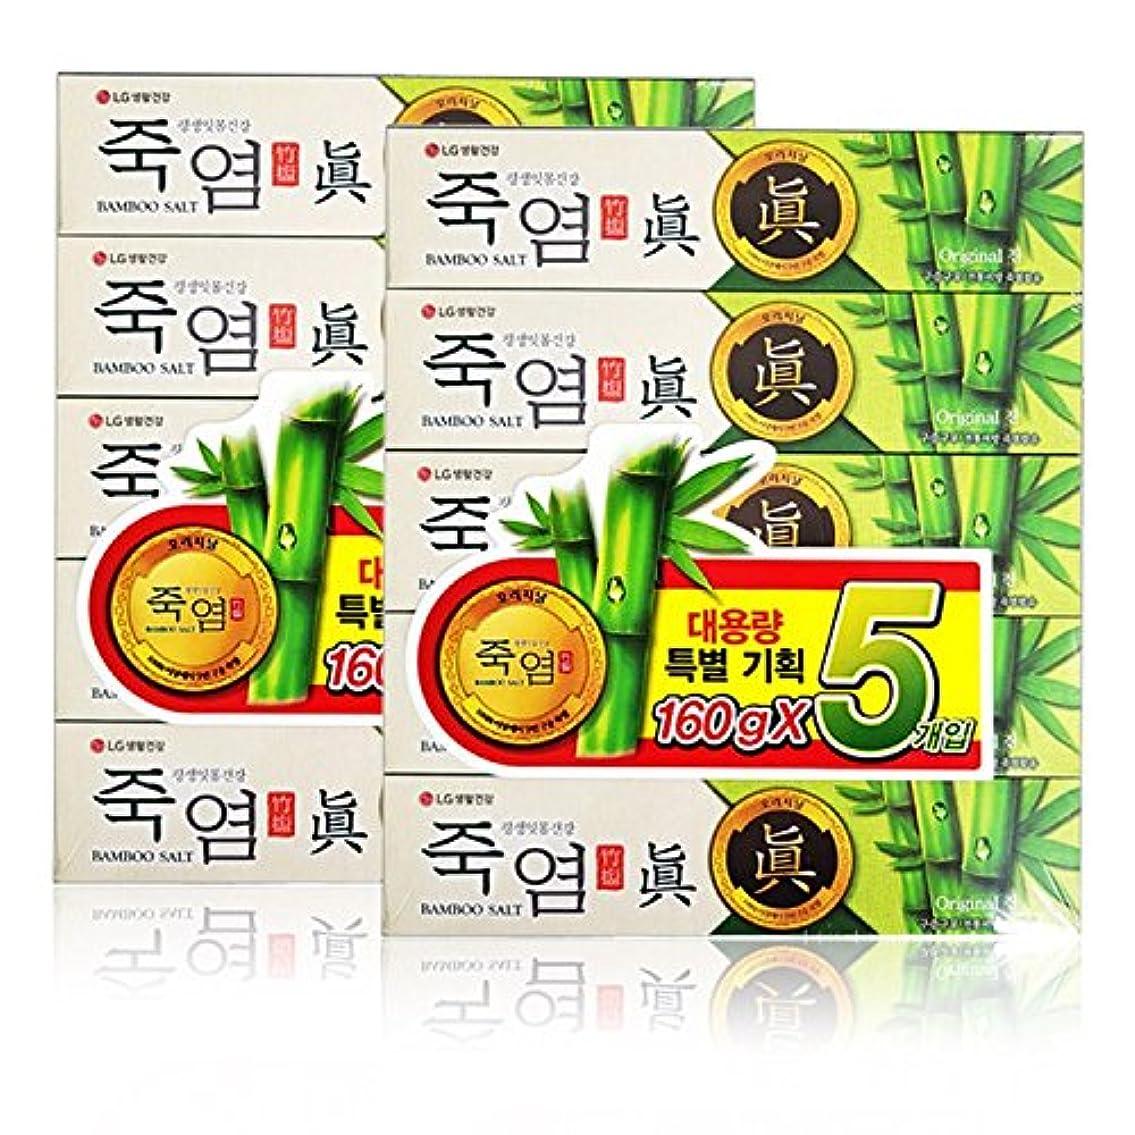 モニカコスチューム[LG電子の生活と健康] LG 竹塩オリジナル歯磨き粉160g*10つの(海外直送品)